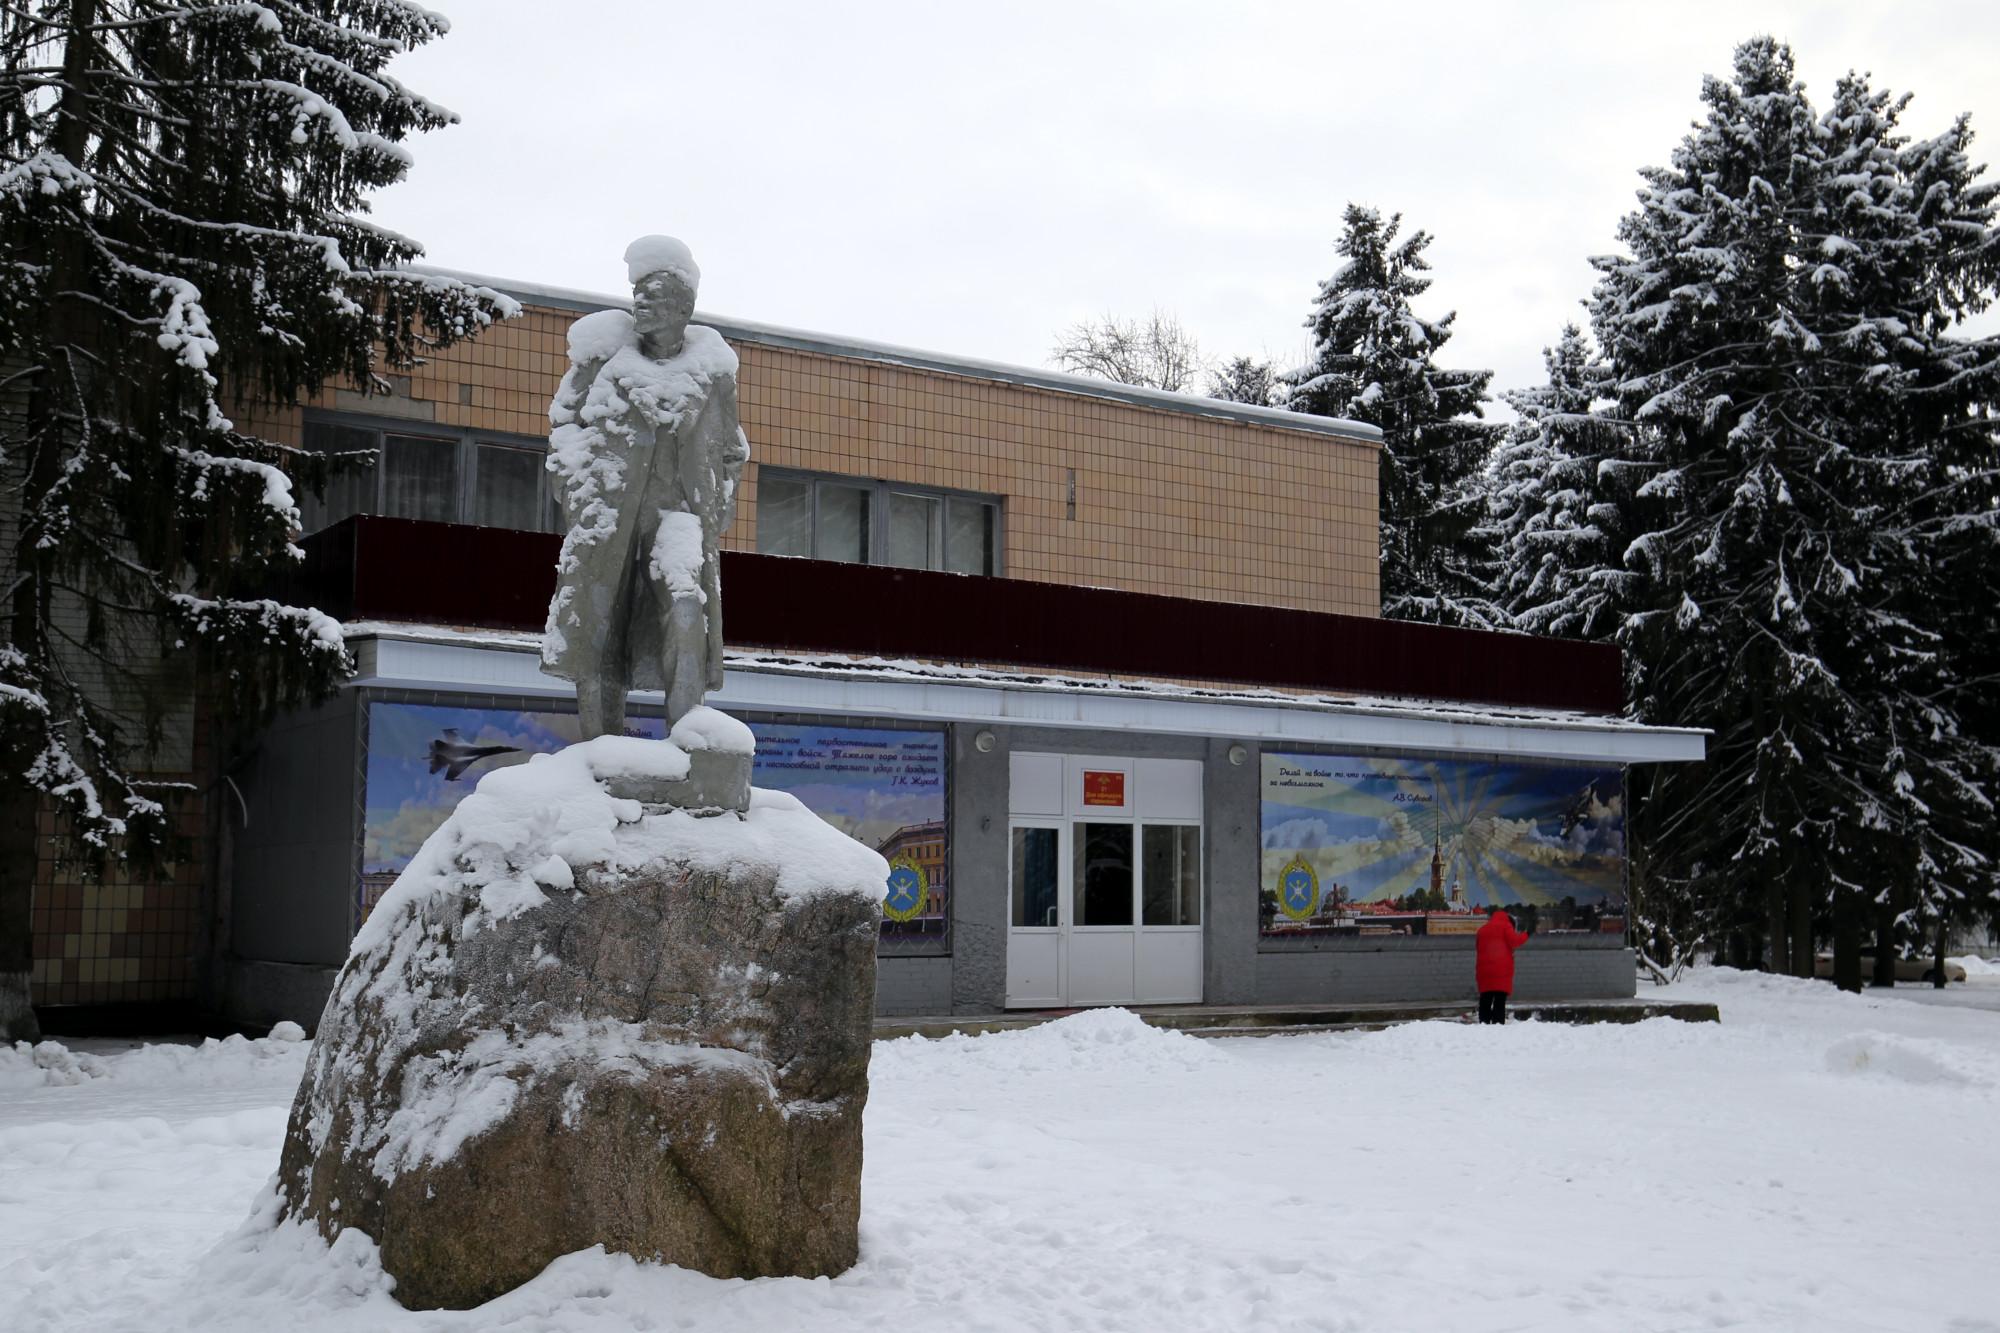 посёлок Хвойный, дом офицеров, памятник Ленину